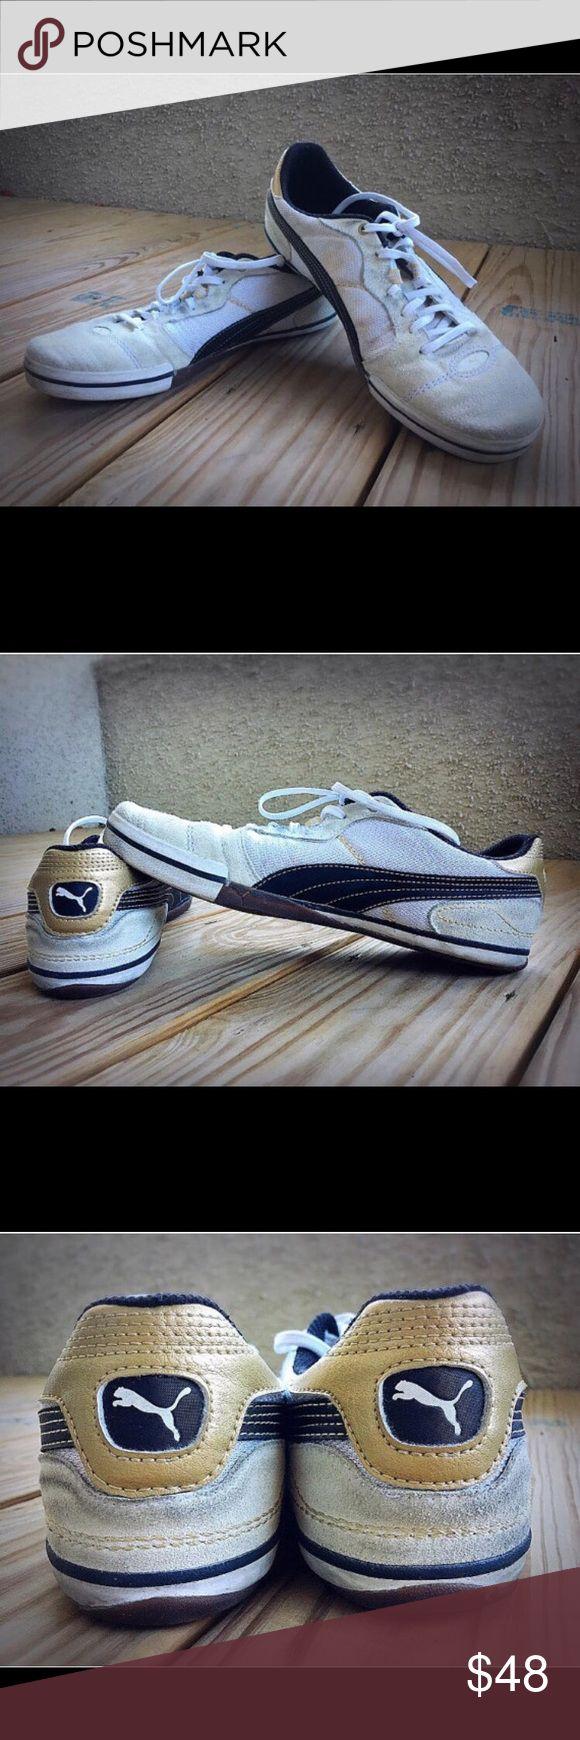 PUMA Original Retro Men Shoe Sport Lifestyle Suede PUMA White Gold  Original Retro Style  Men's Casual Shoes Sport Lifestyle Suede Leather & Man Made Materials In Excellent Condition US 9.5 UK 42.5 Width Medium (D, M) Made in Indonesia Puma Shoes Sneakers